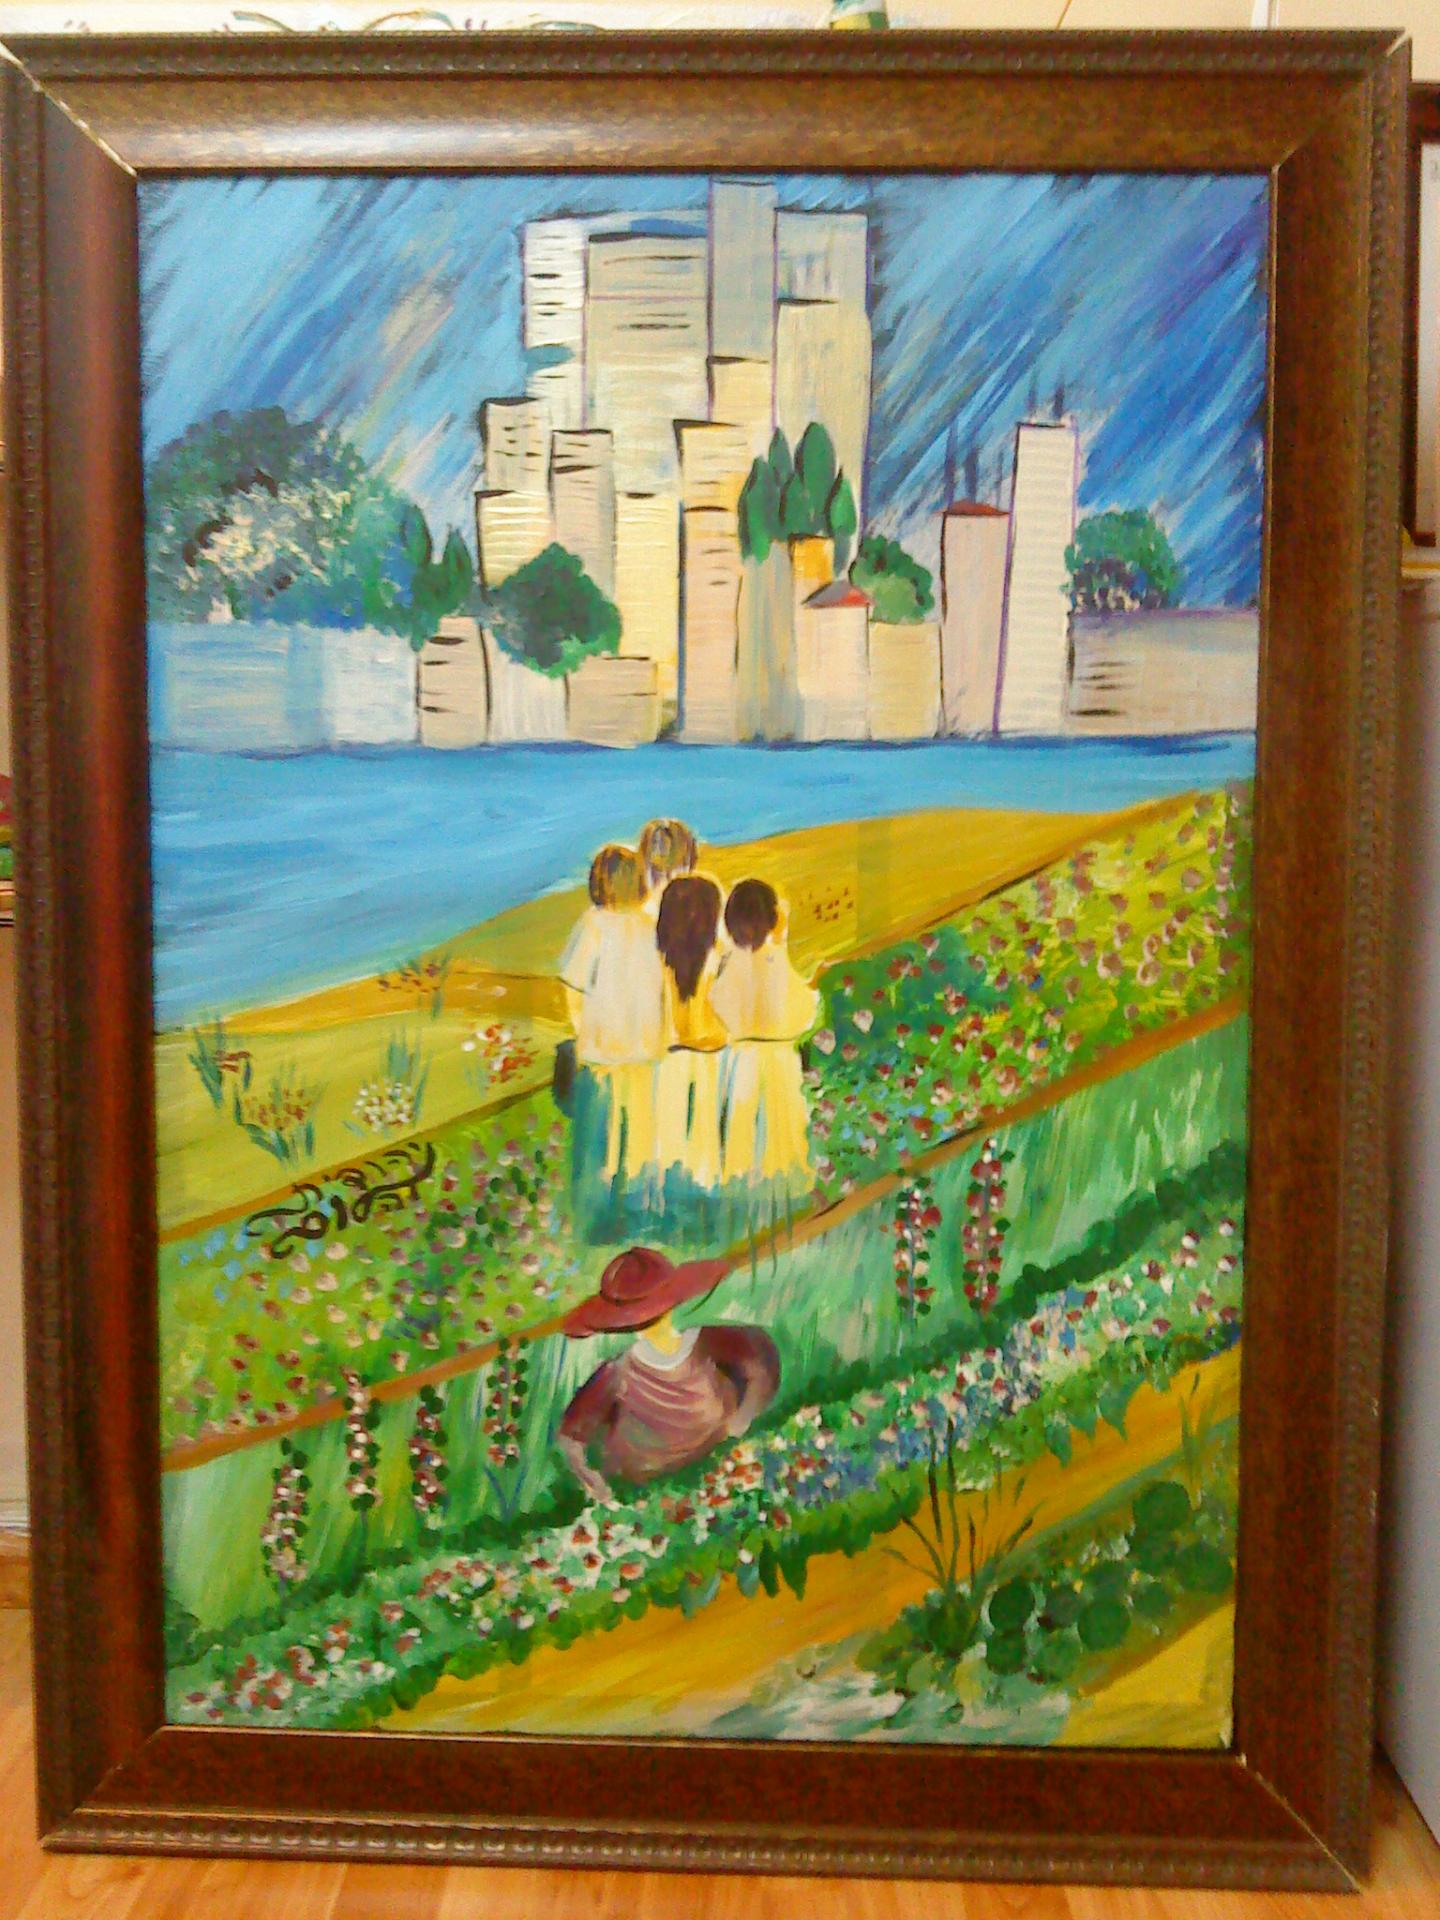 ציור מתערוכה בן ממשיך